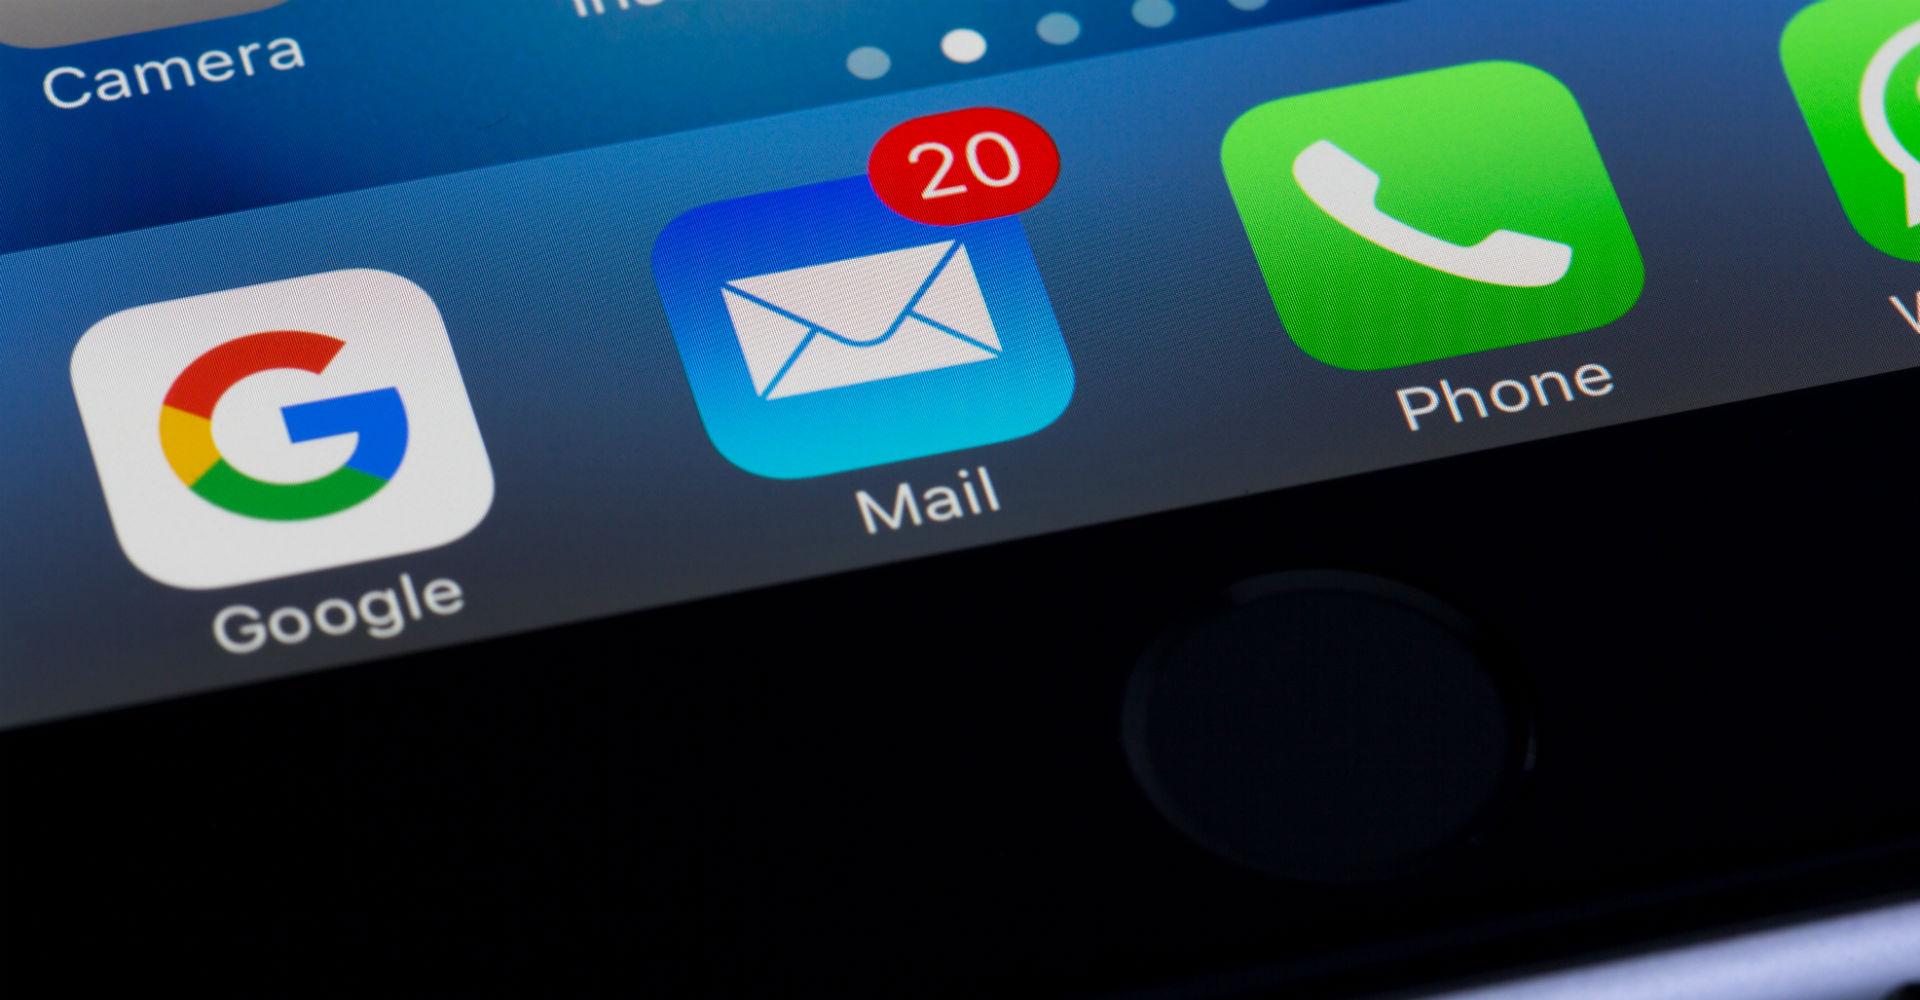 Apps auf dem Display eines iPhones.